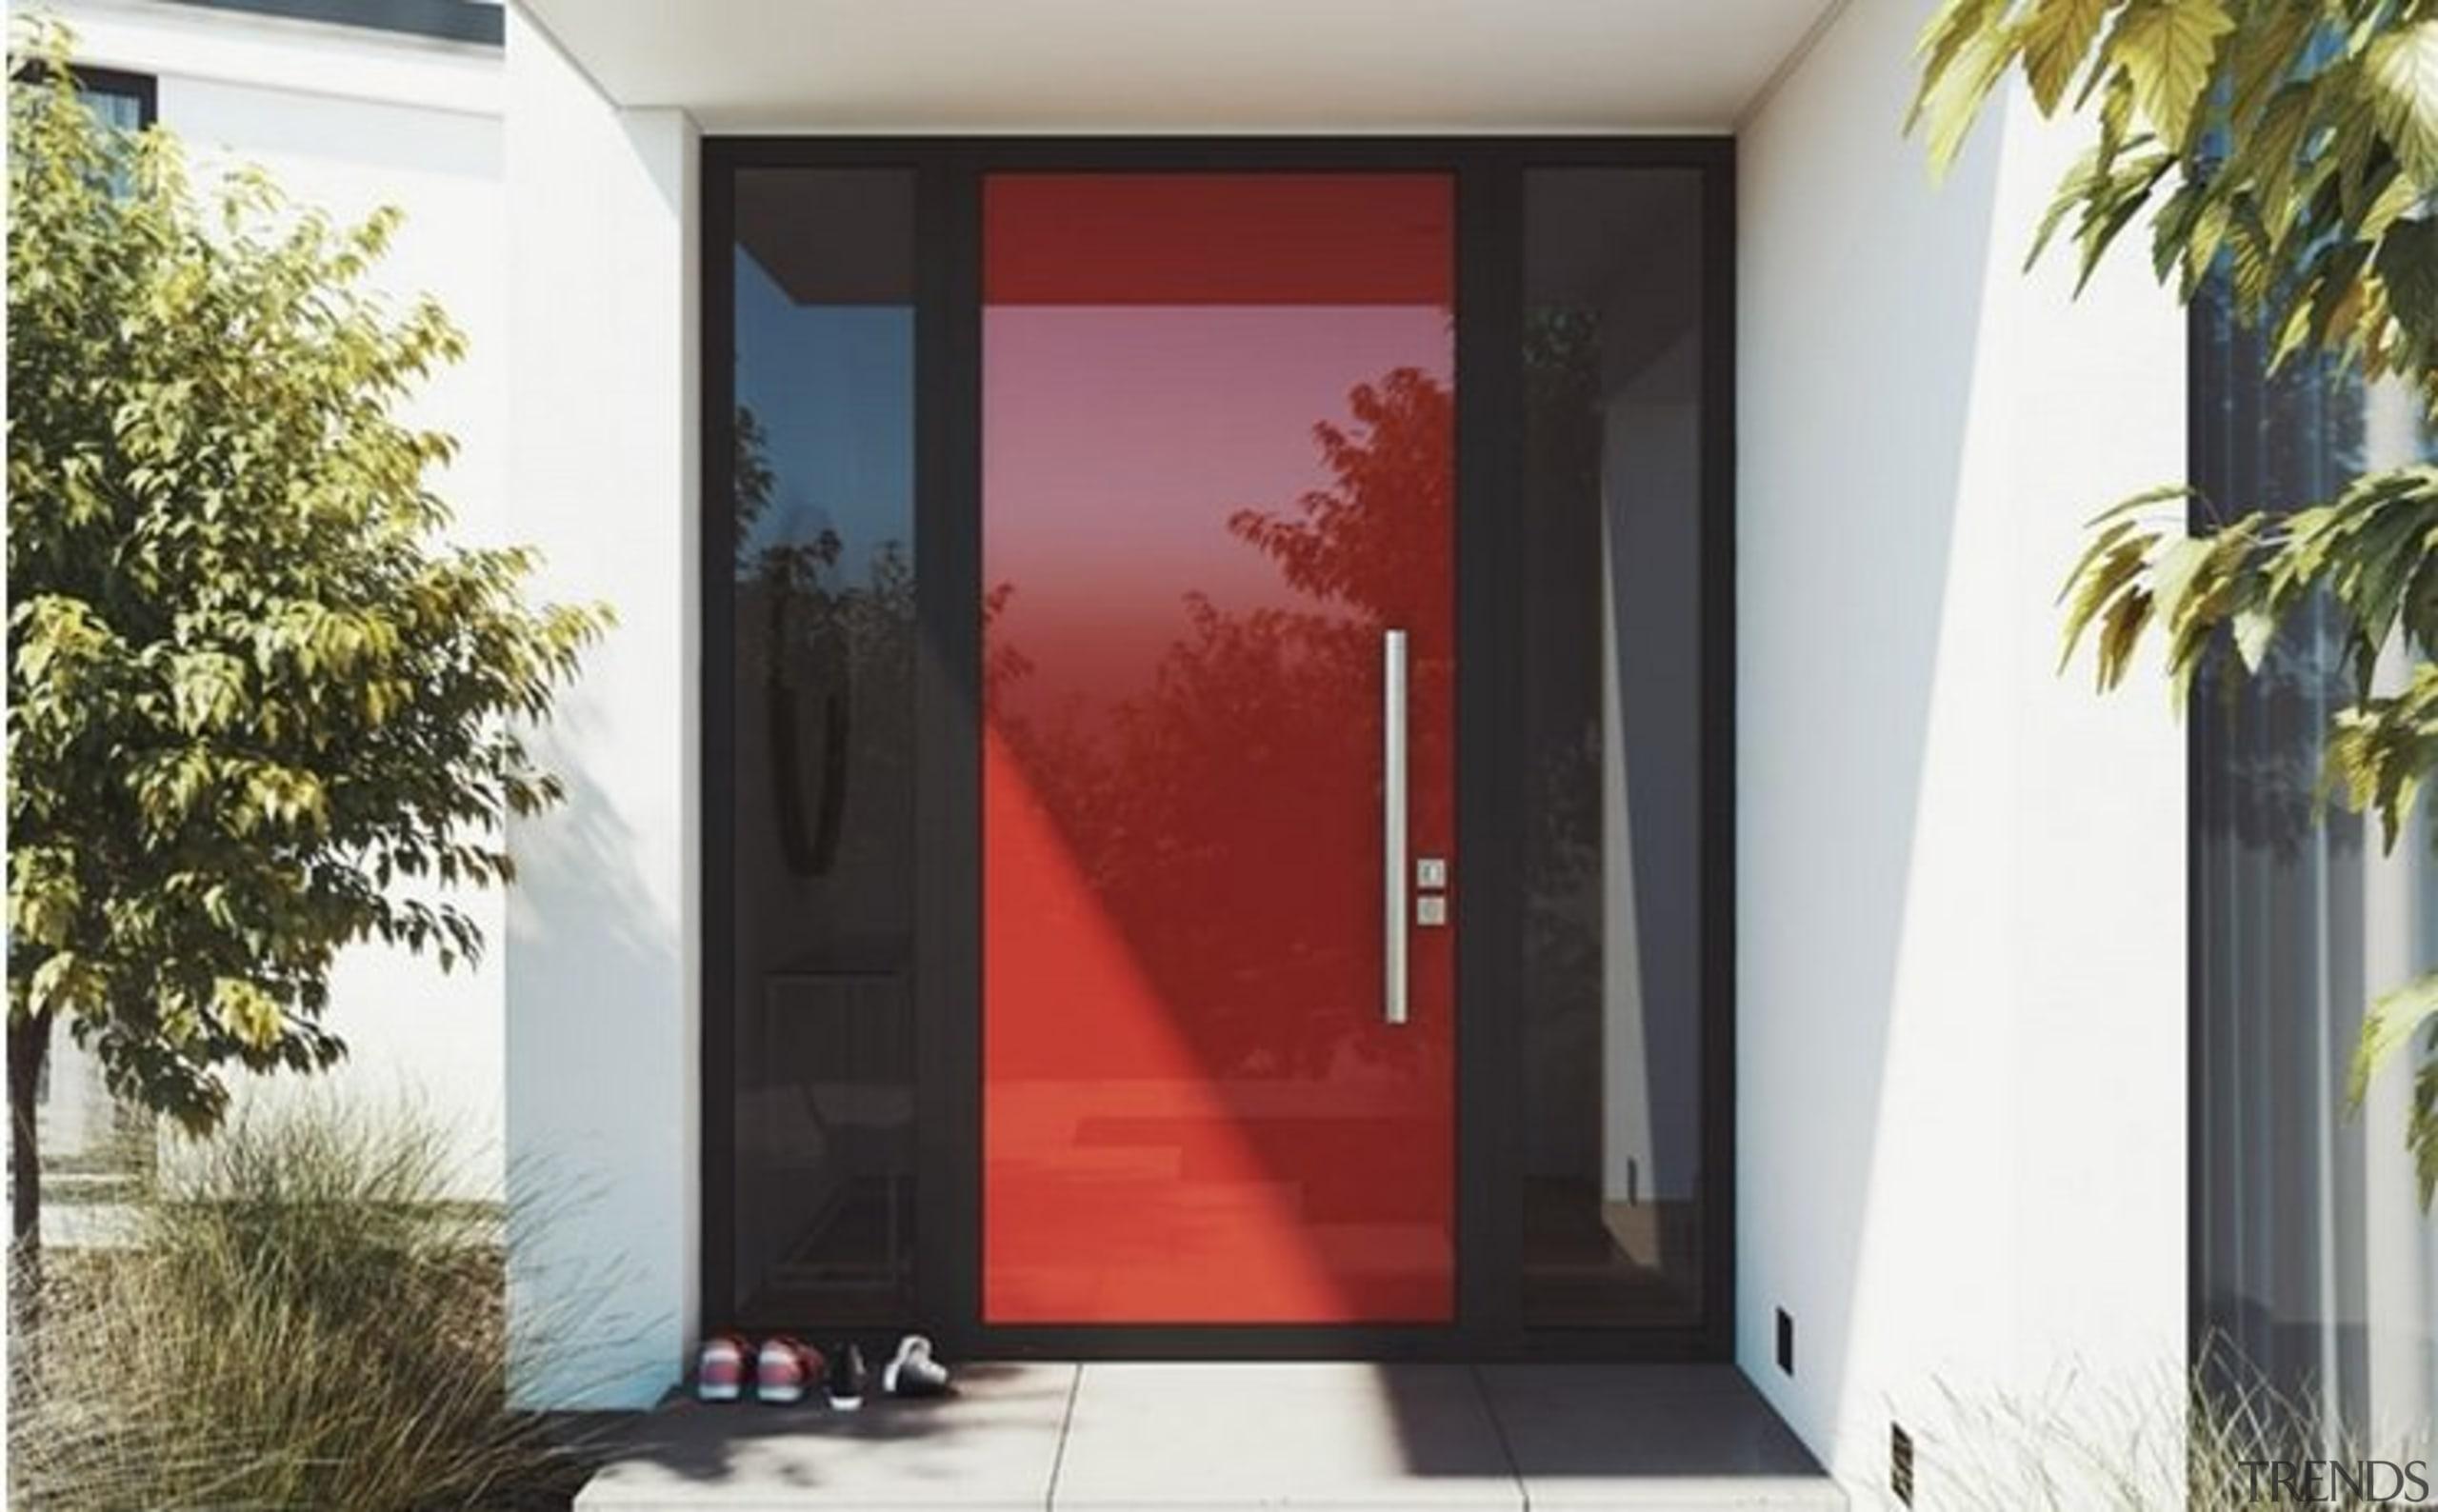 Element door in Lobster red - Element door door, facade, home, house, interior design, property, real estate, window